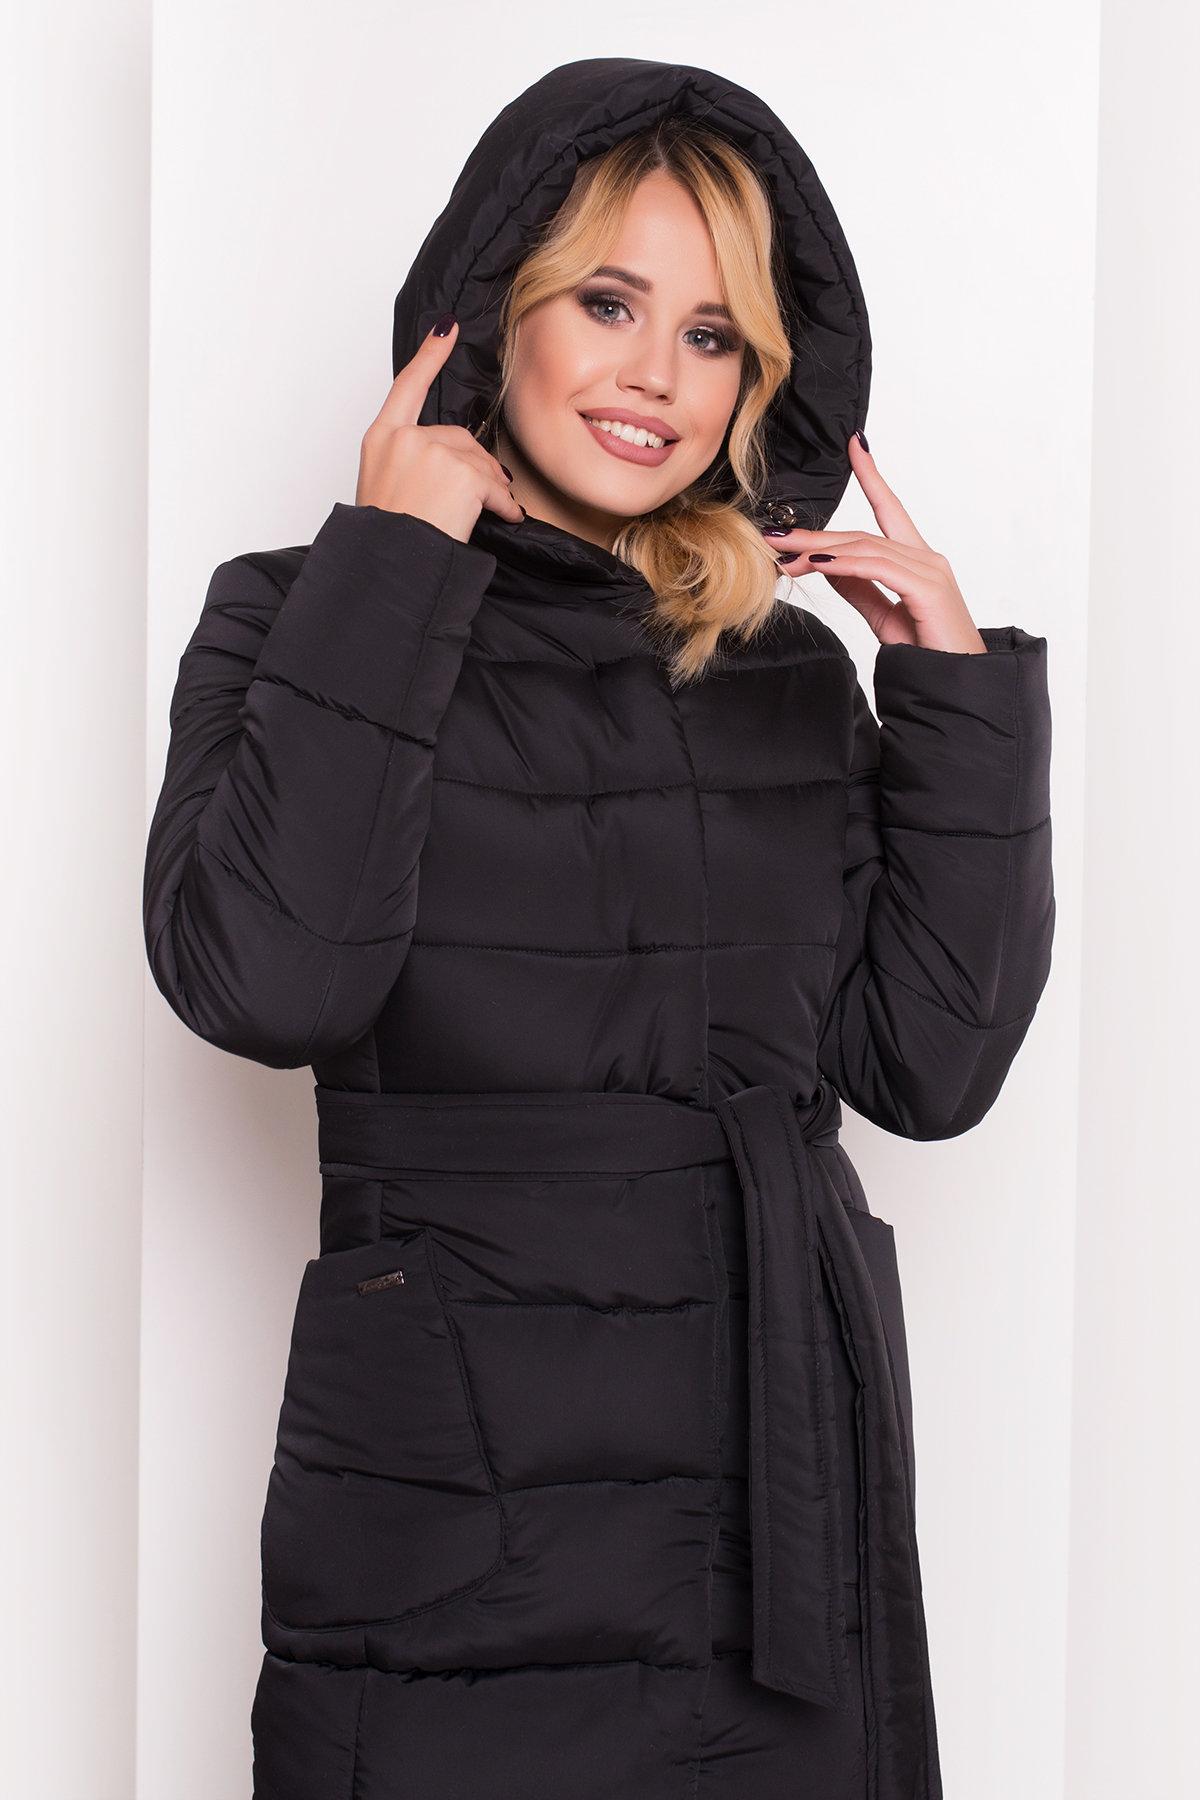 Пуховик-пальто с поясом Жако 5540 АРТ. 37335 Цвет: Черный - фото 5, интернет магазин tm-modus.ru